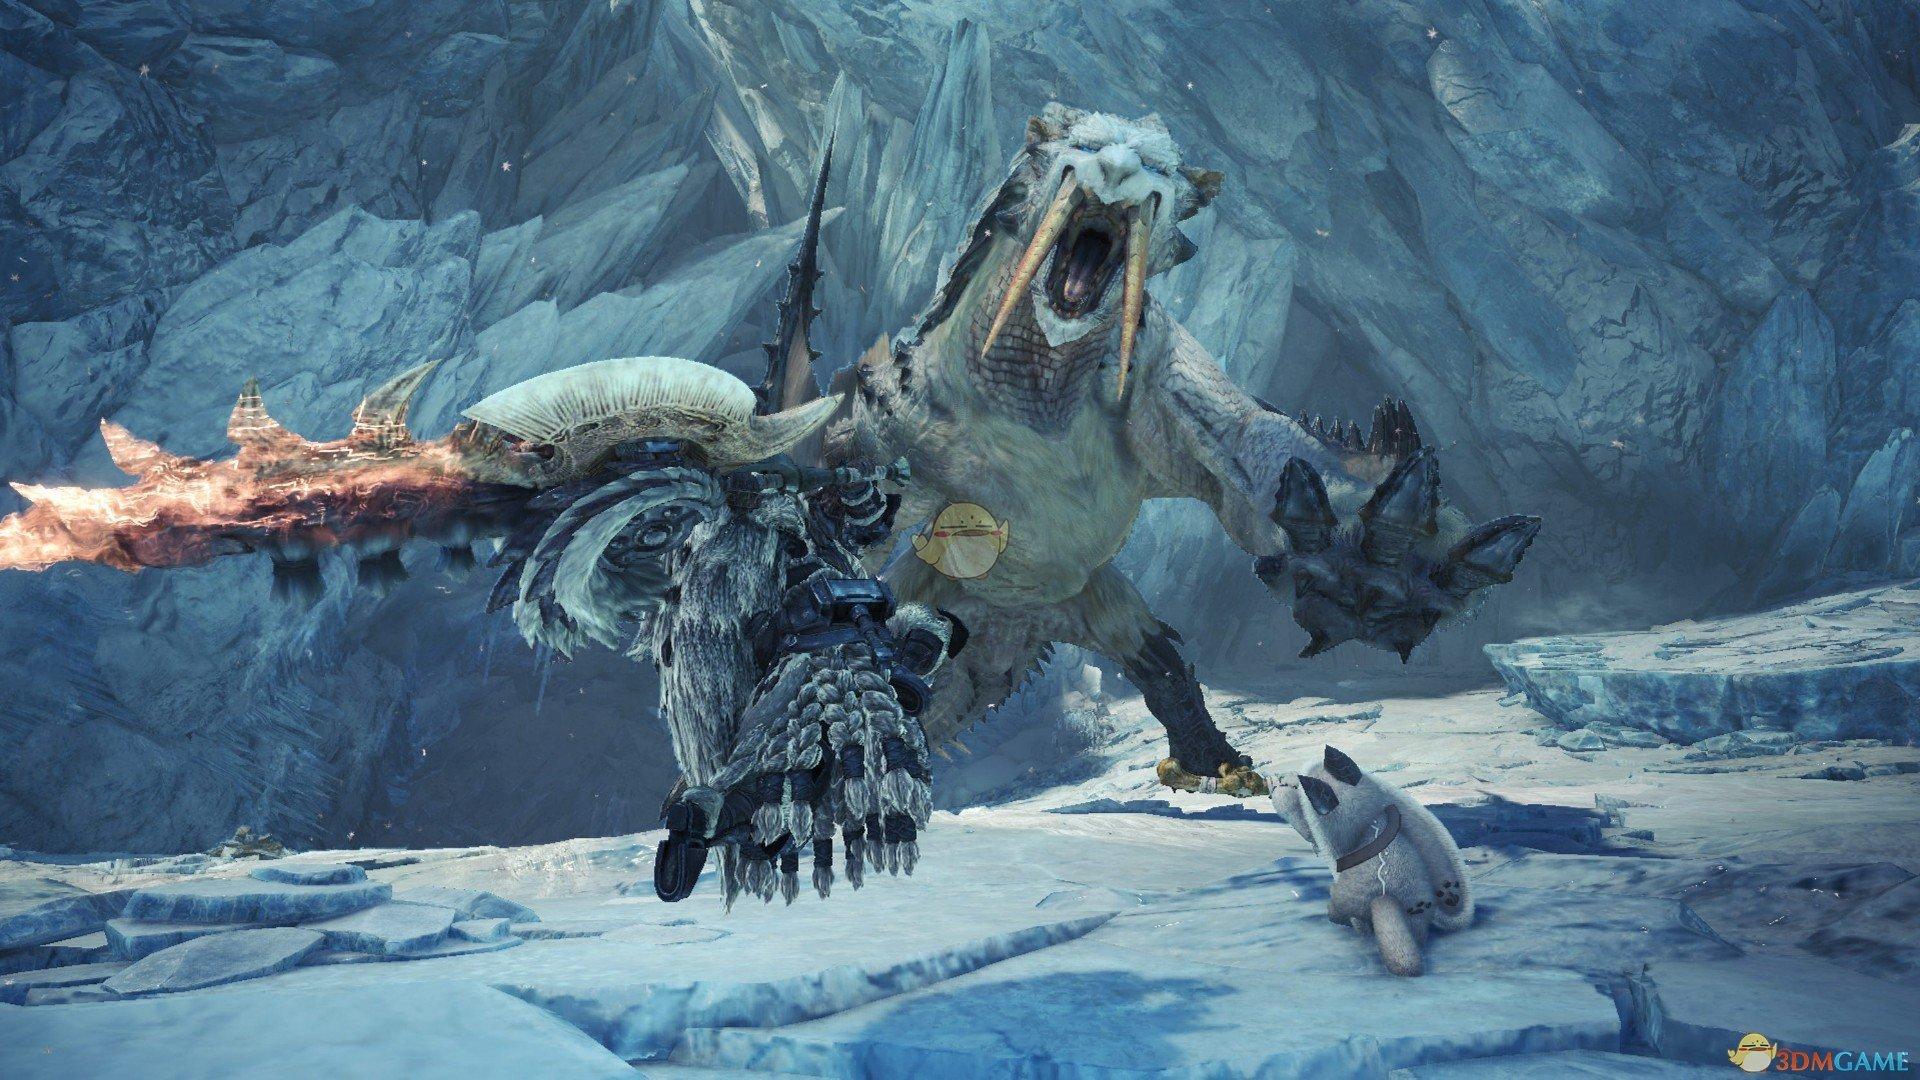 《怪物猎人:世界》冰原素材装备技能一览表